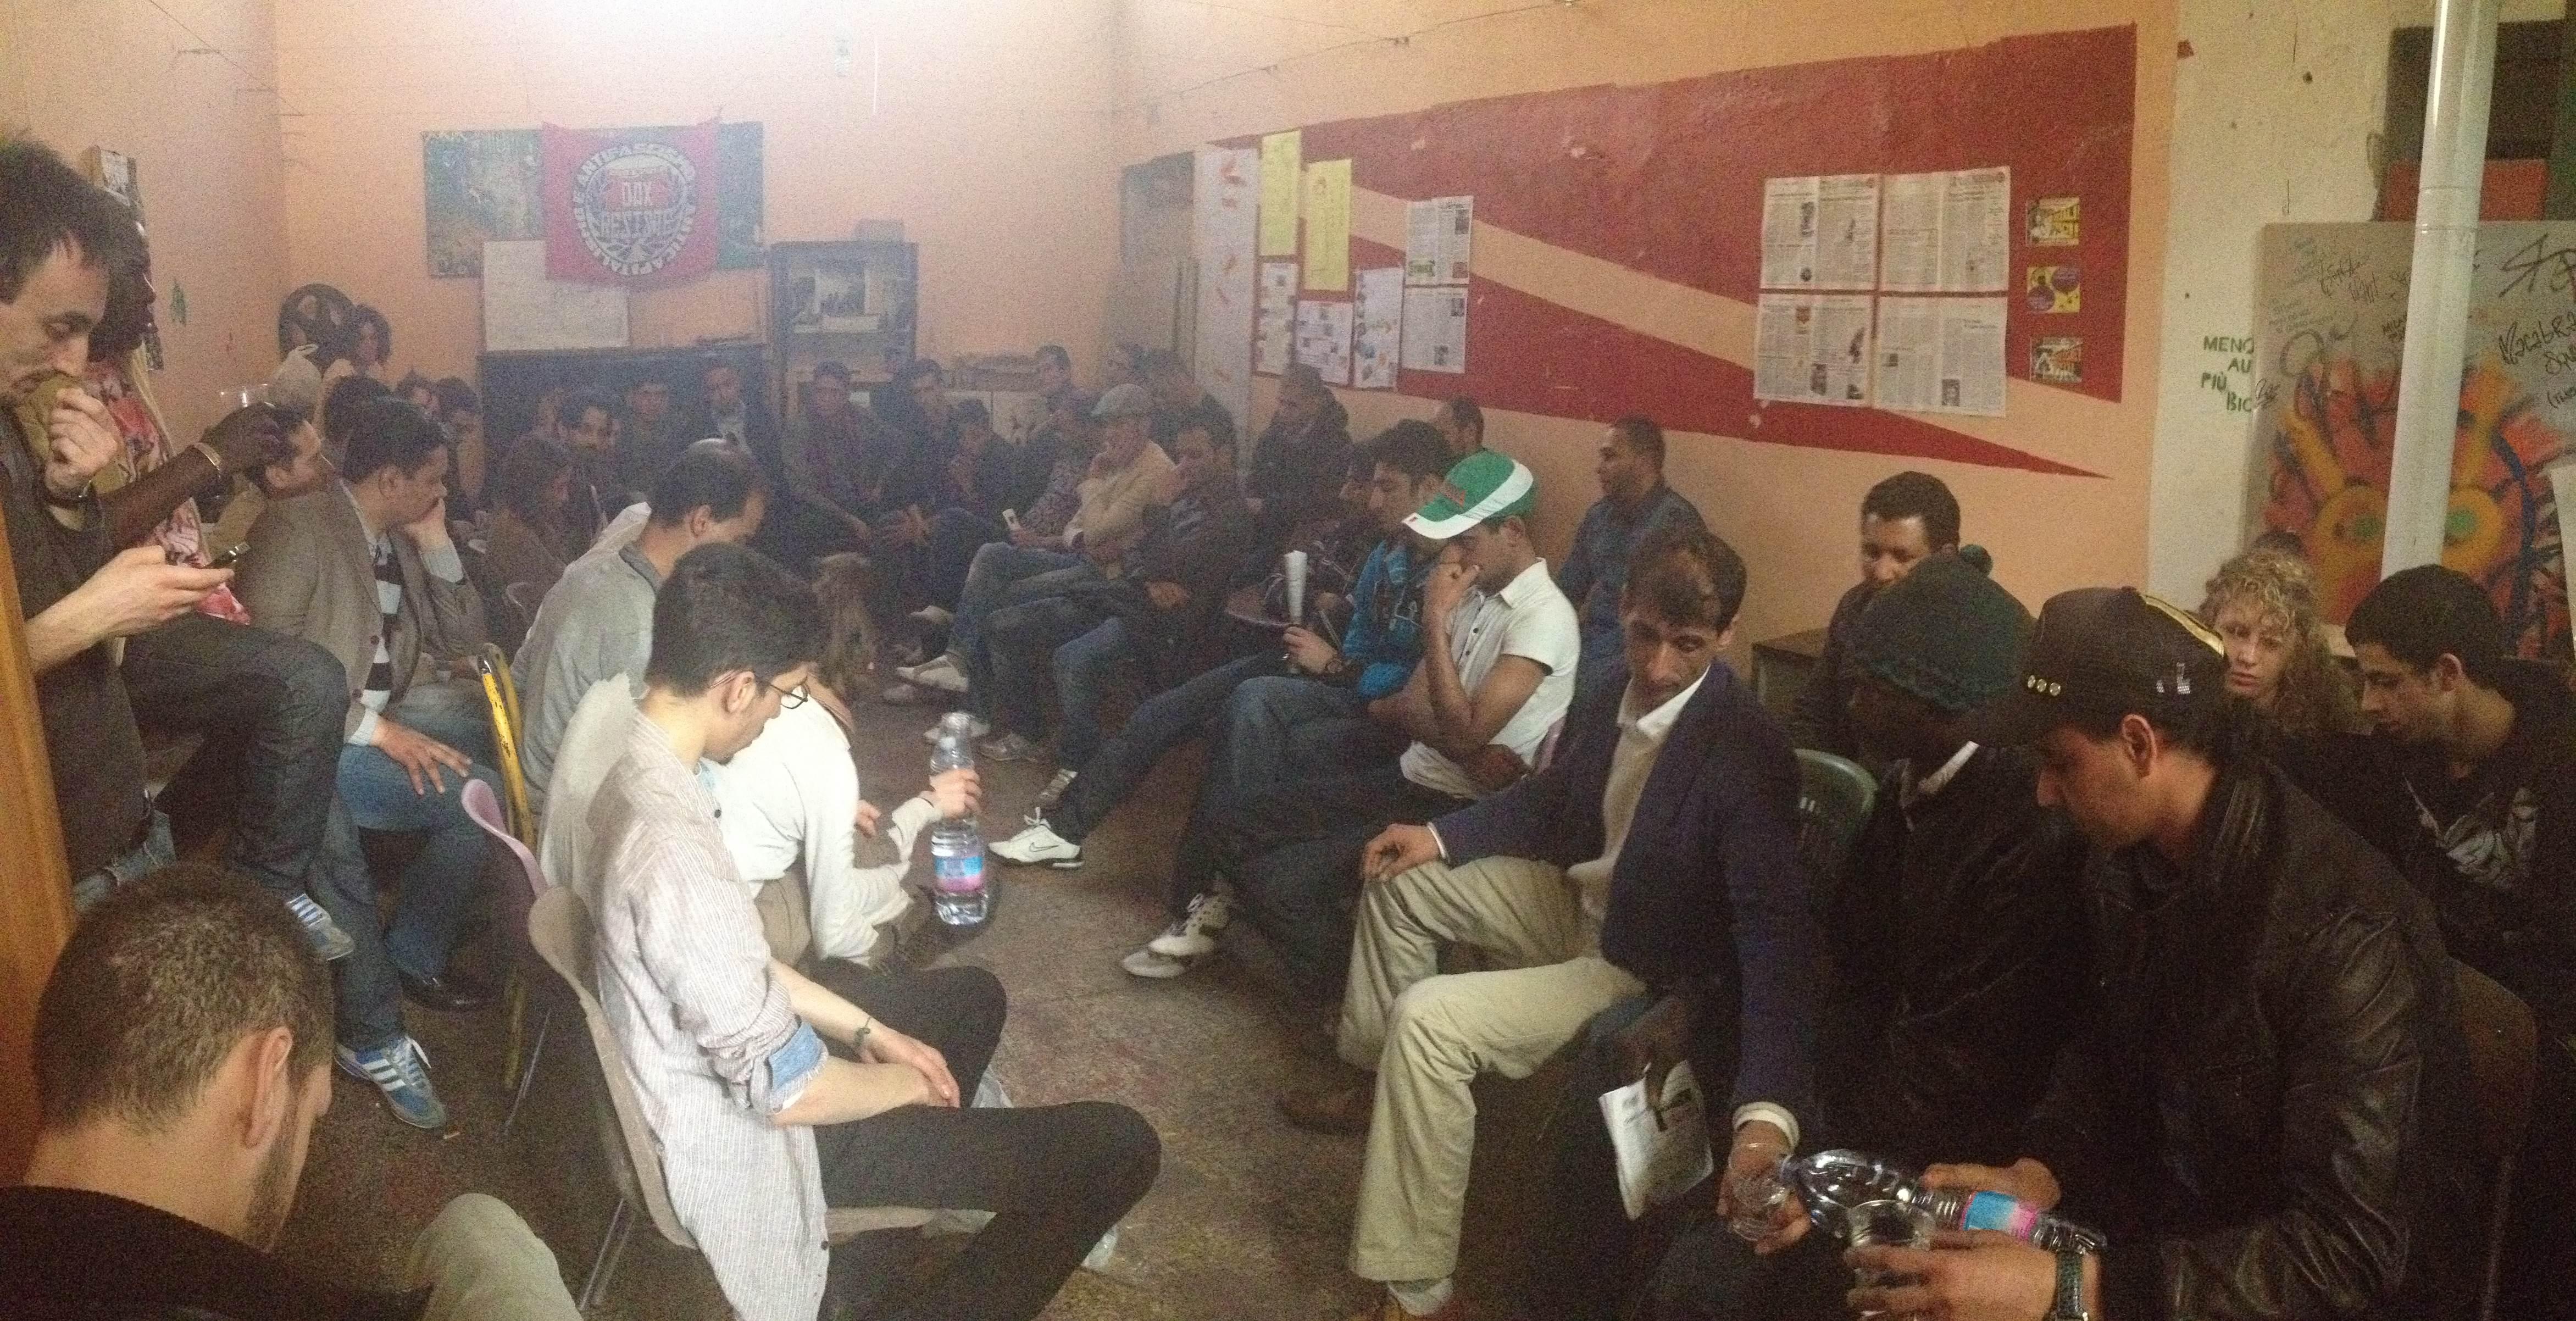 Bastabossifini continua 19 maggio assemblea dei migranti - Piscina san giuliano milanese ...